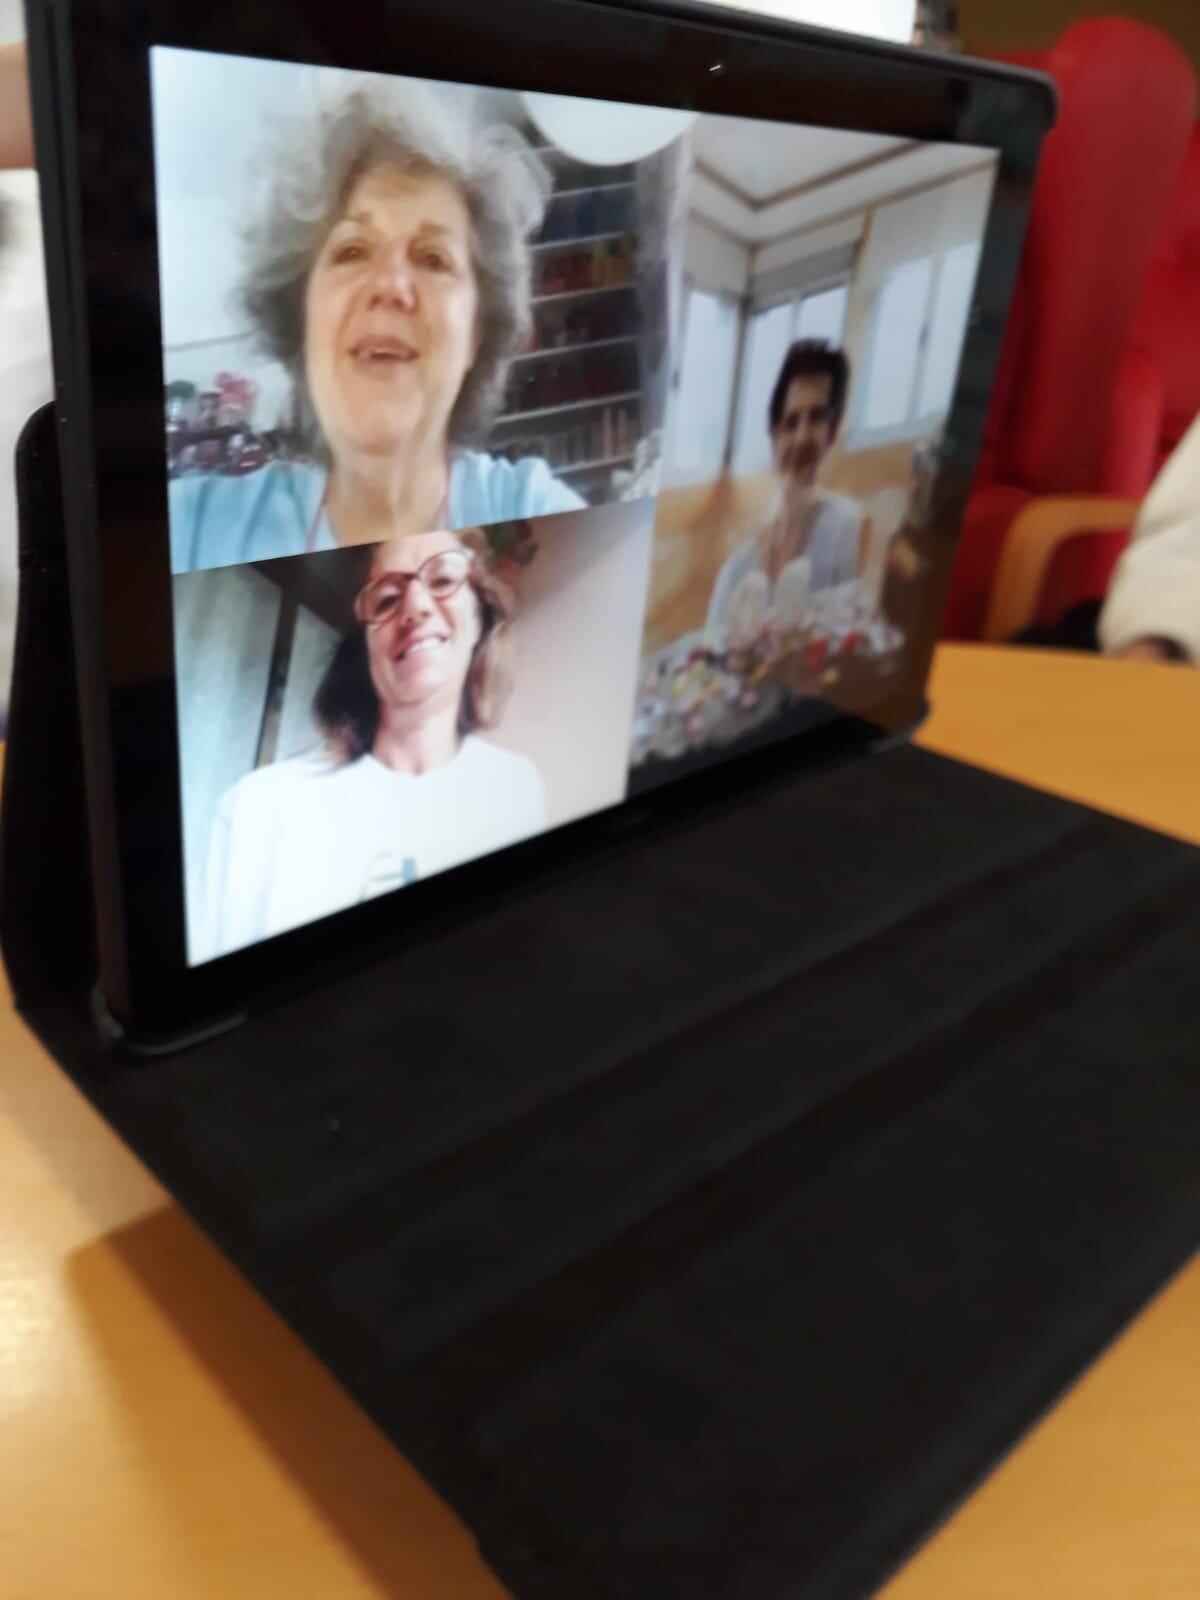 Nieves Corominas hablando con sus hijas por videollamada.